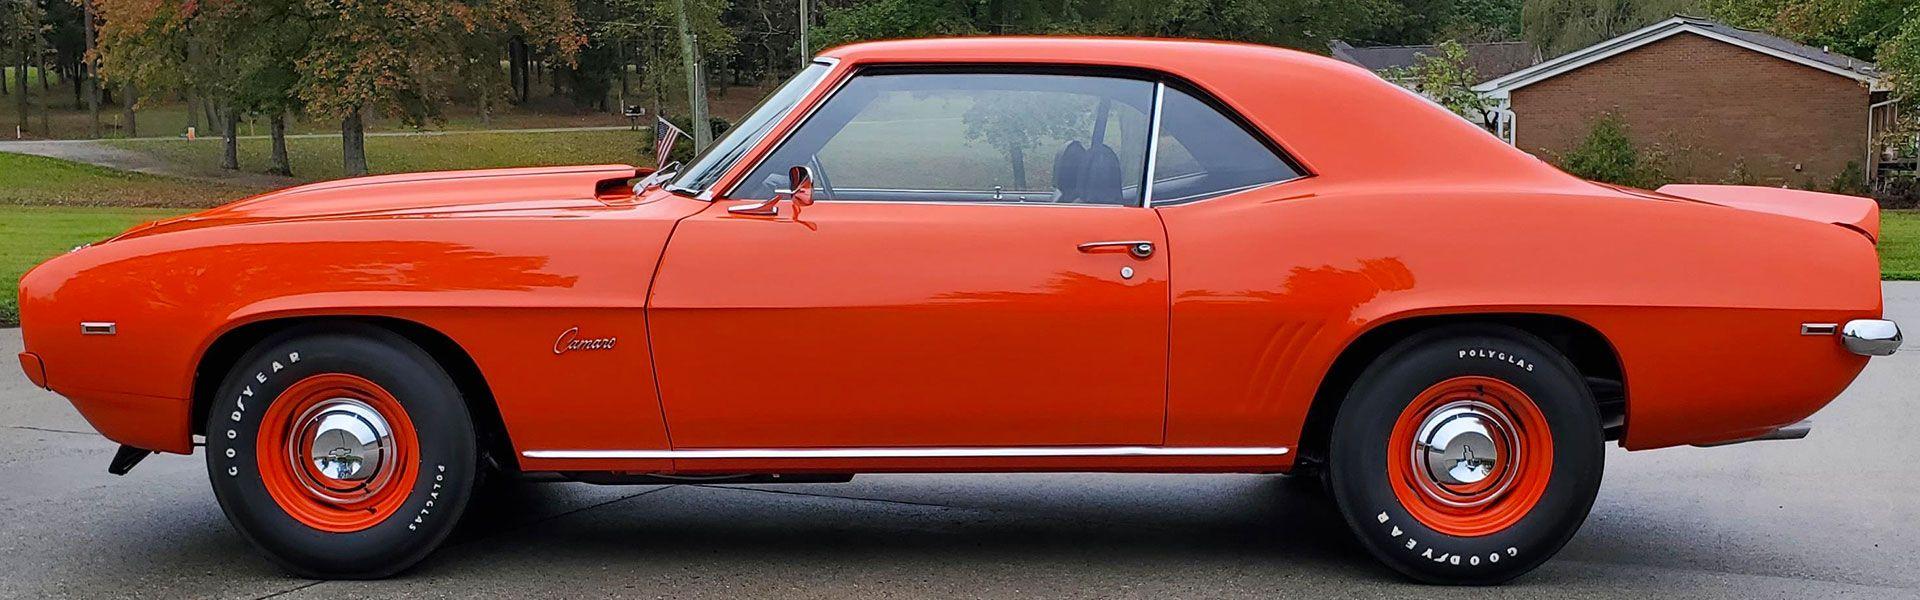 For Sale 1969 Chevrolet Camaro Zl 1 427 Hugger Orange High Quality Correct Nut And Bolt Restoration Of 61 Camaro For Sale Chevrolet Camaro Camaro Restoration